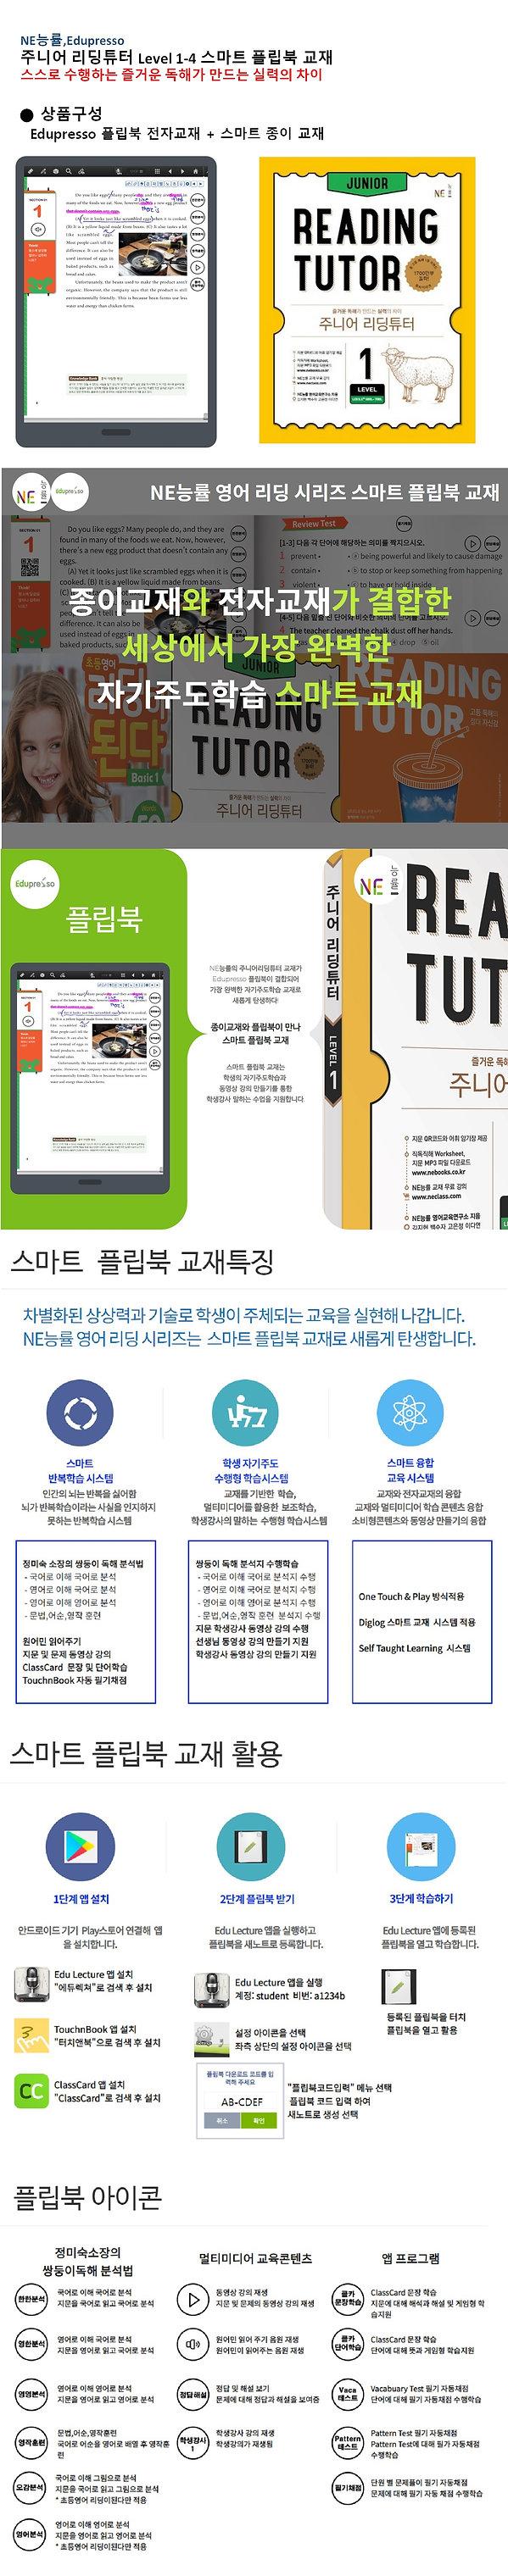 주니어 리딩튜터 L1 상품소개 페이지 0 - 복사본.jpg